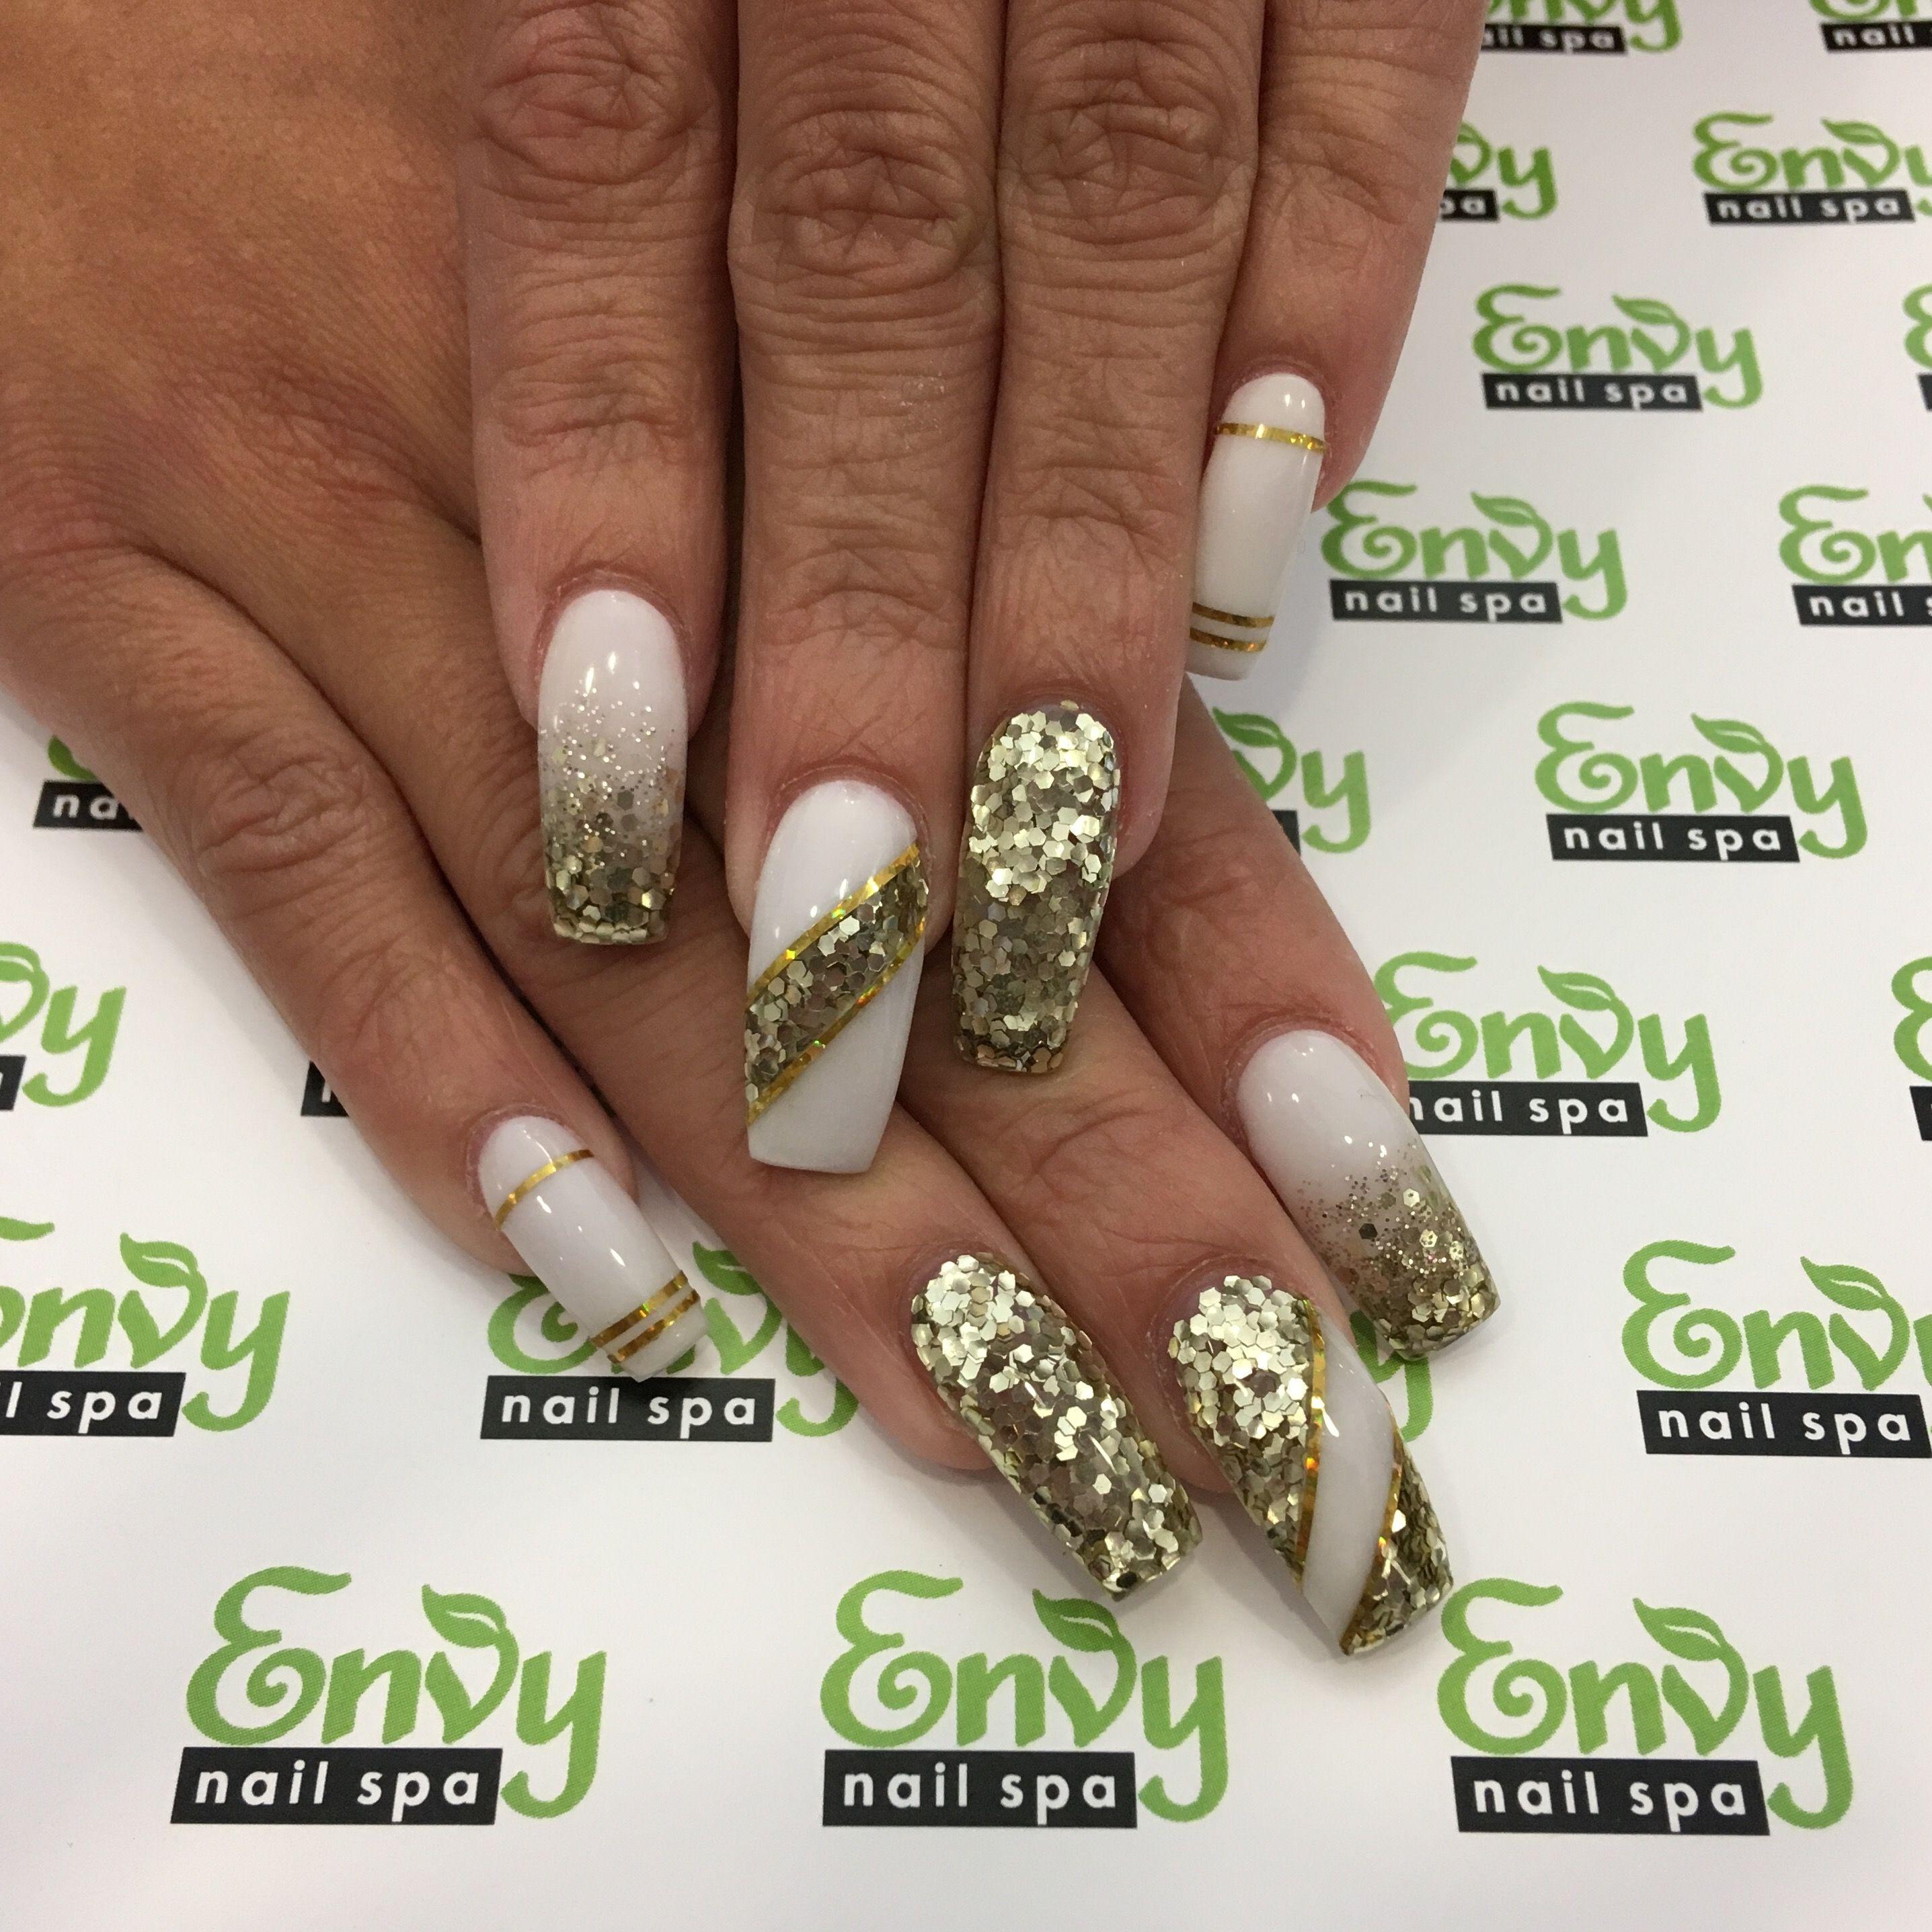 Gold Glitter, White, Fading, Stripe Nails - Envy Nail Spa | Nails ...